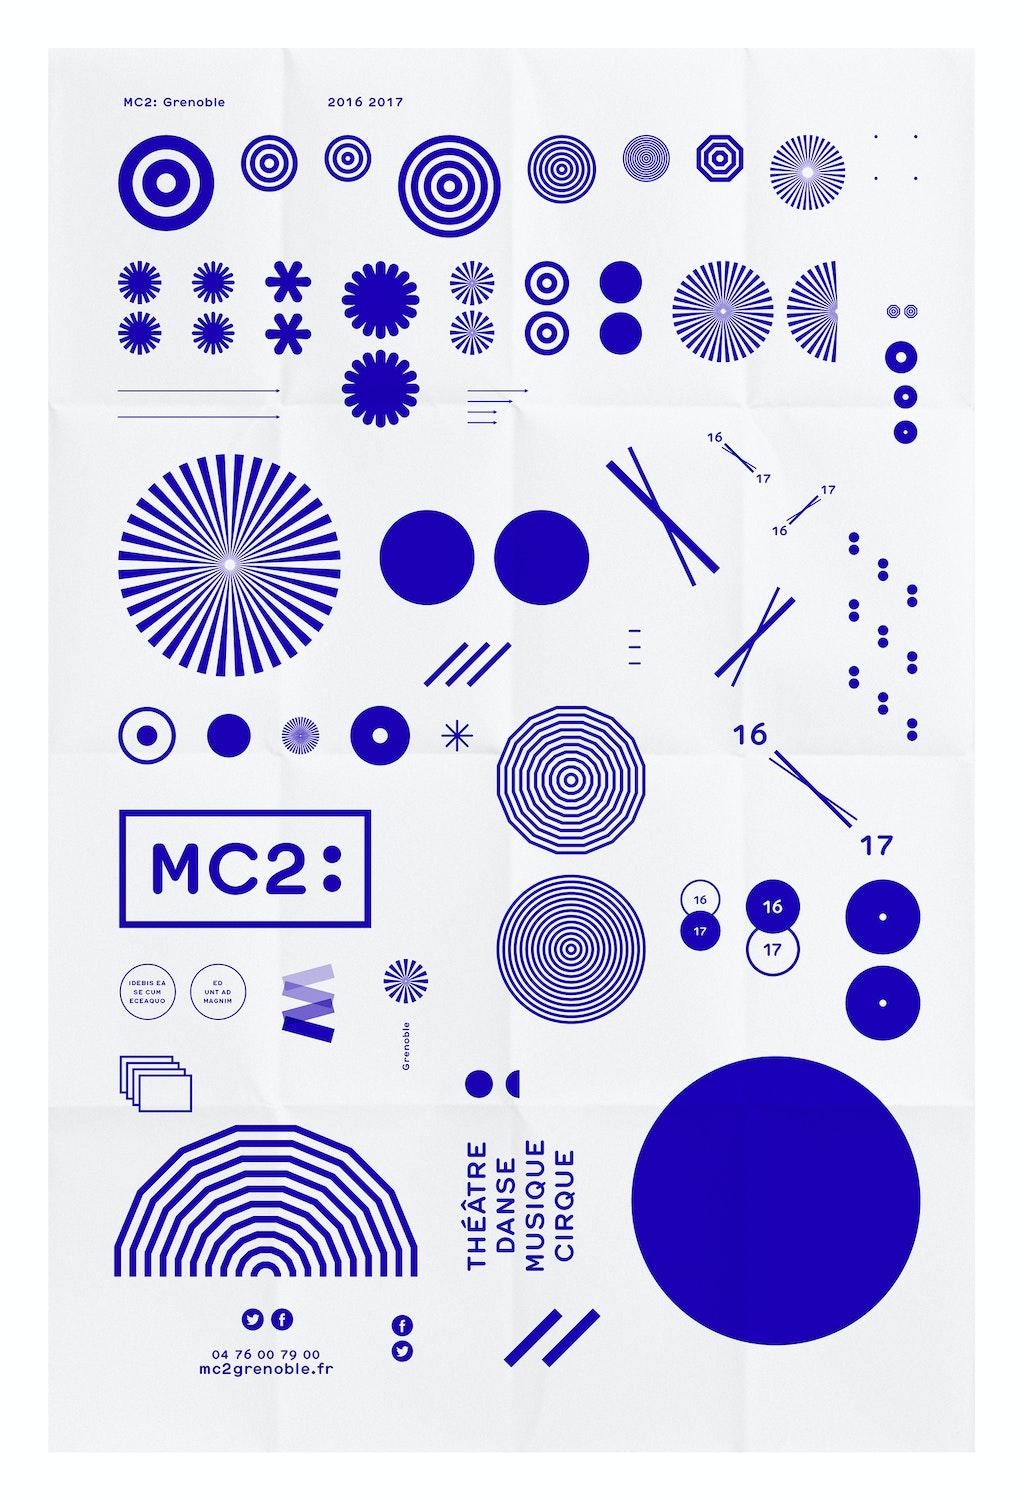 MC2: Grenoble 16+17